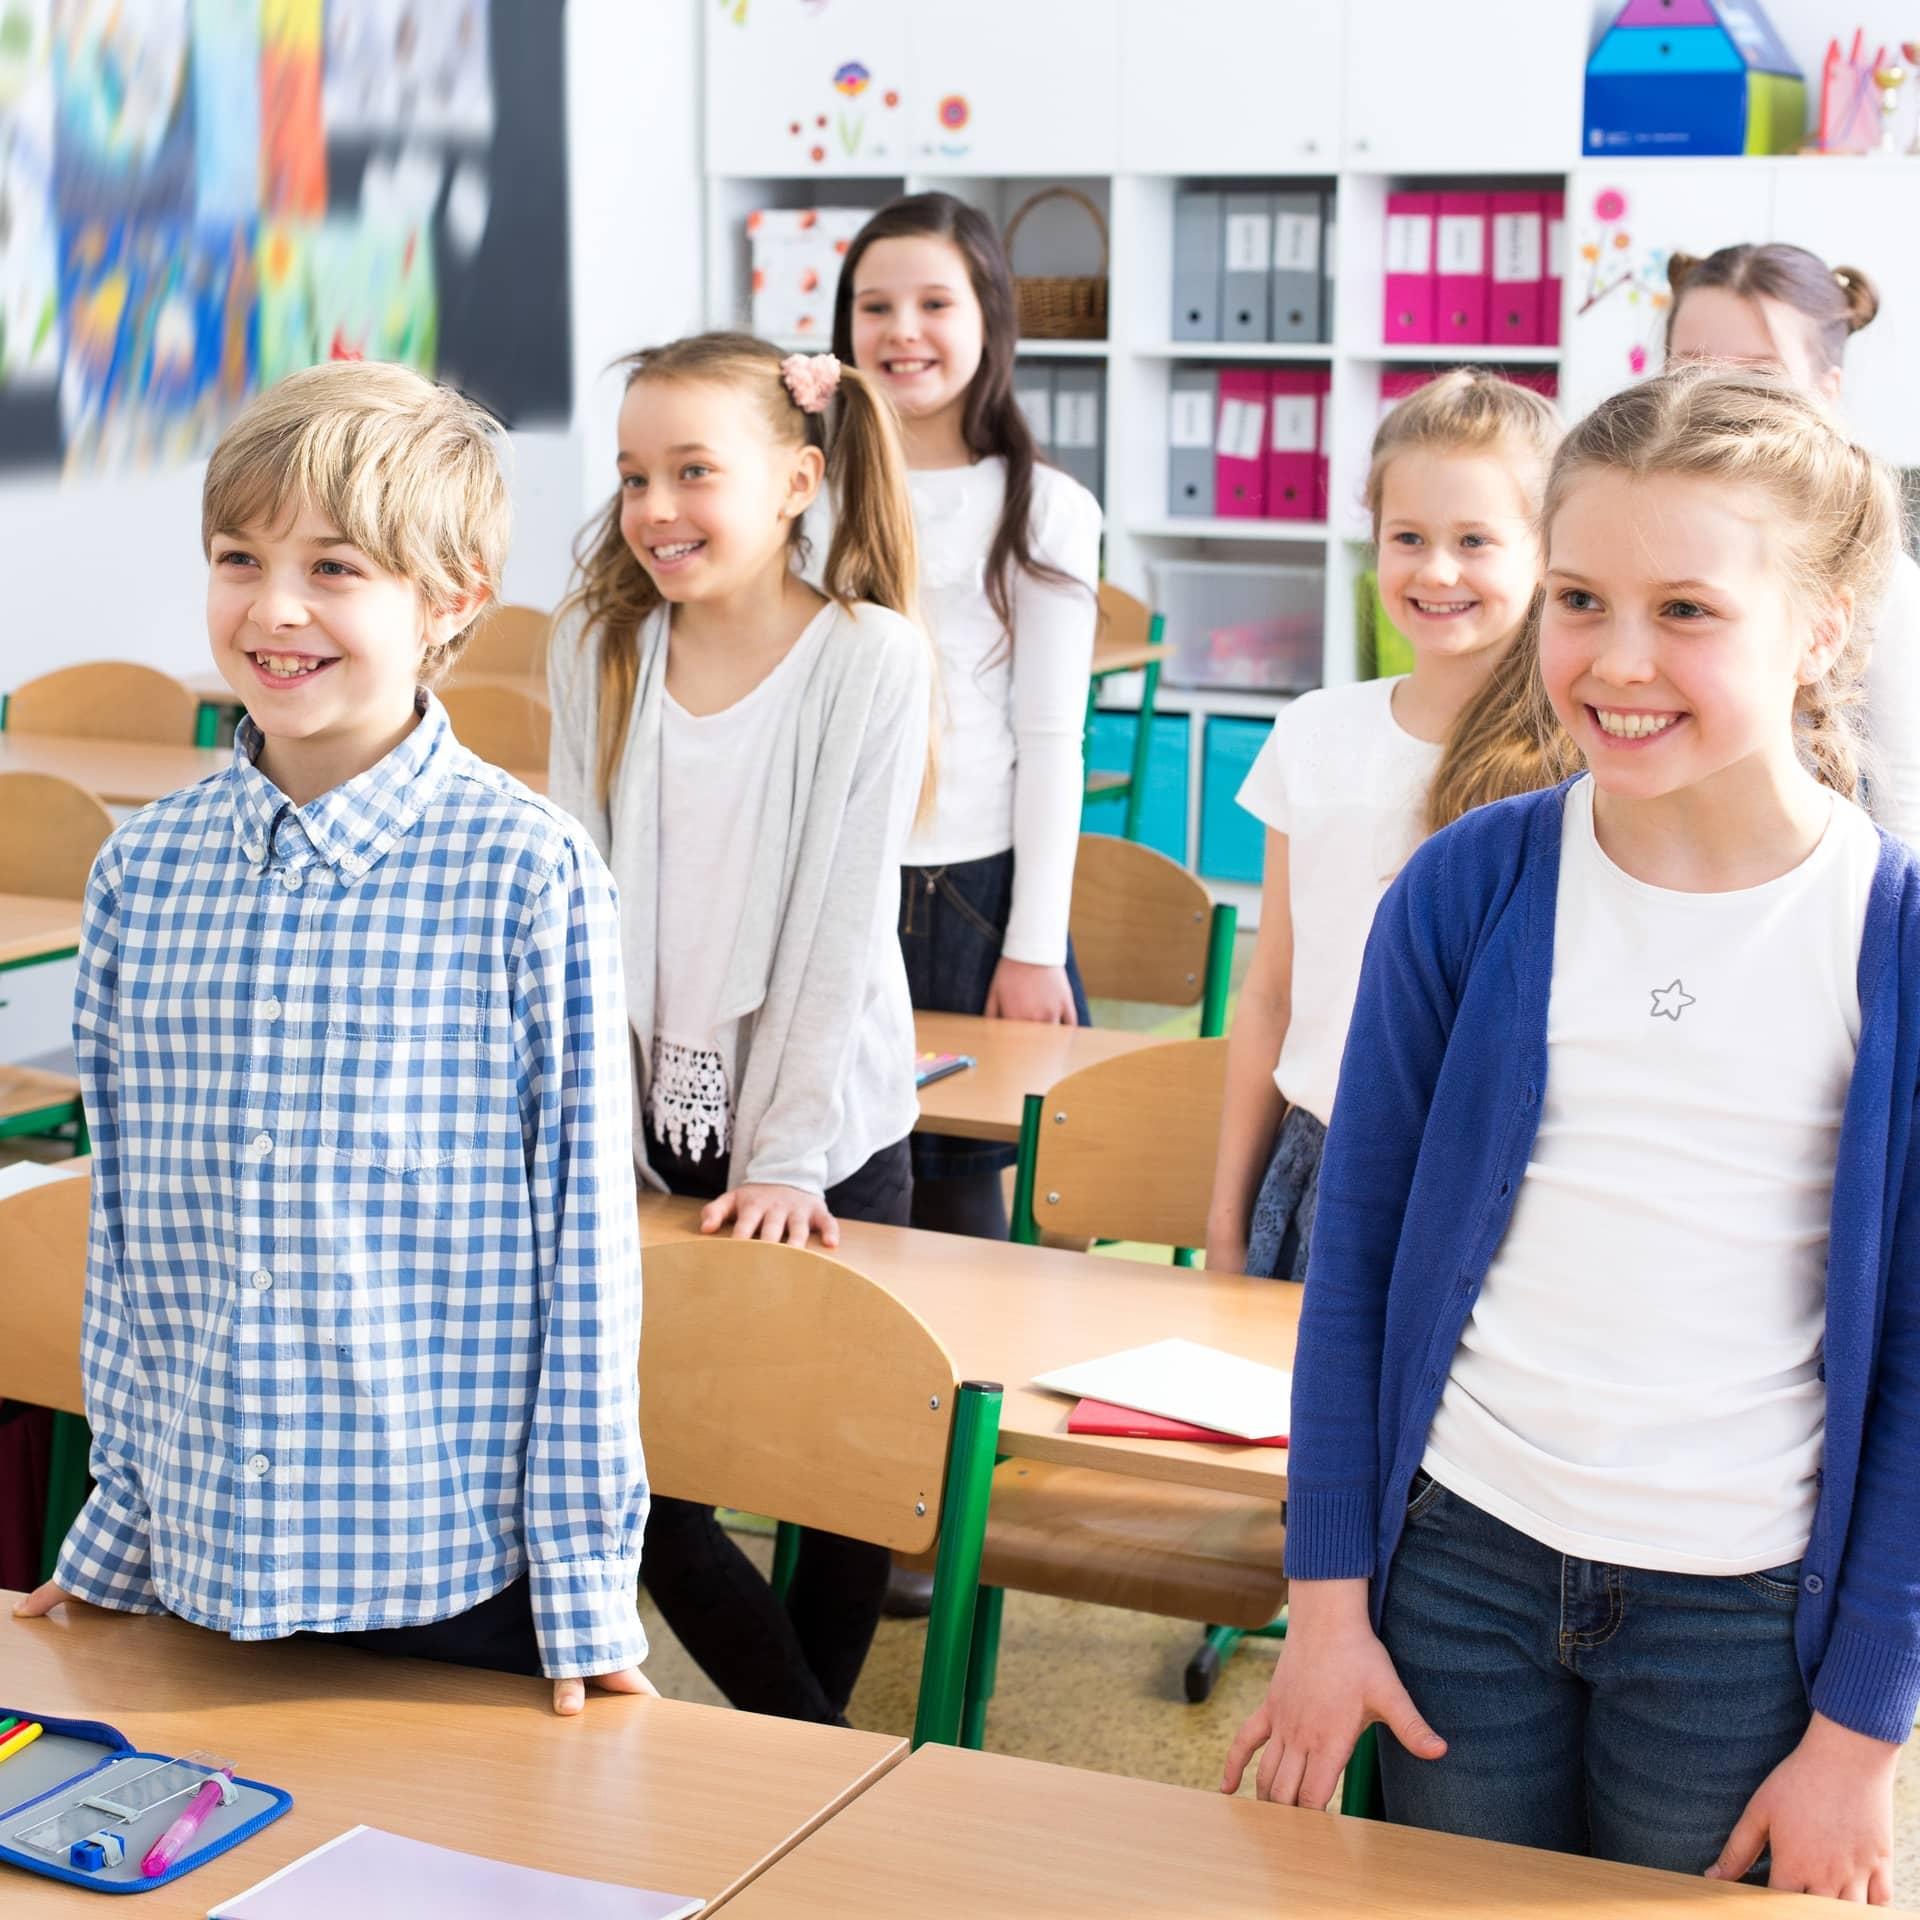 Enfants debout dans une classe